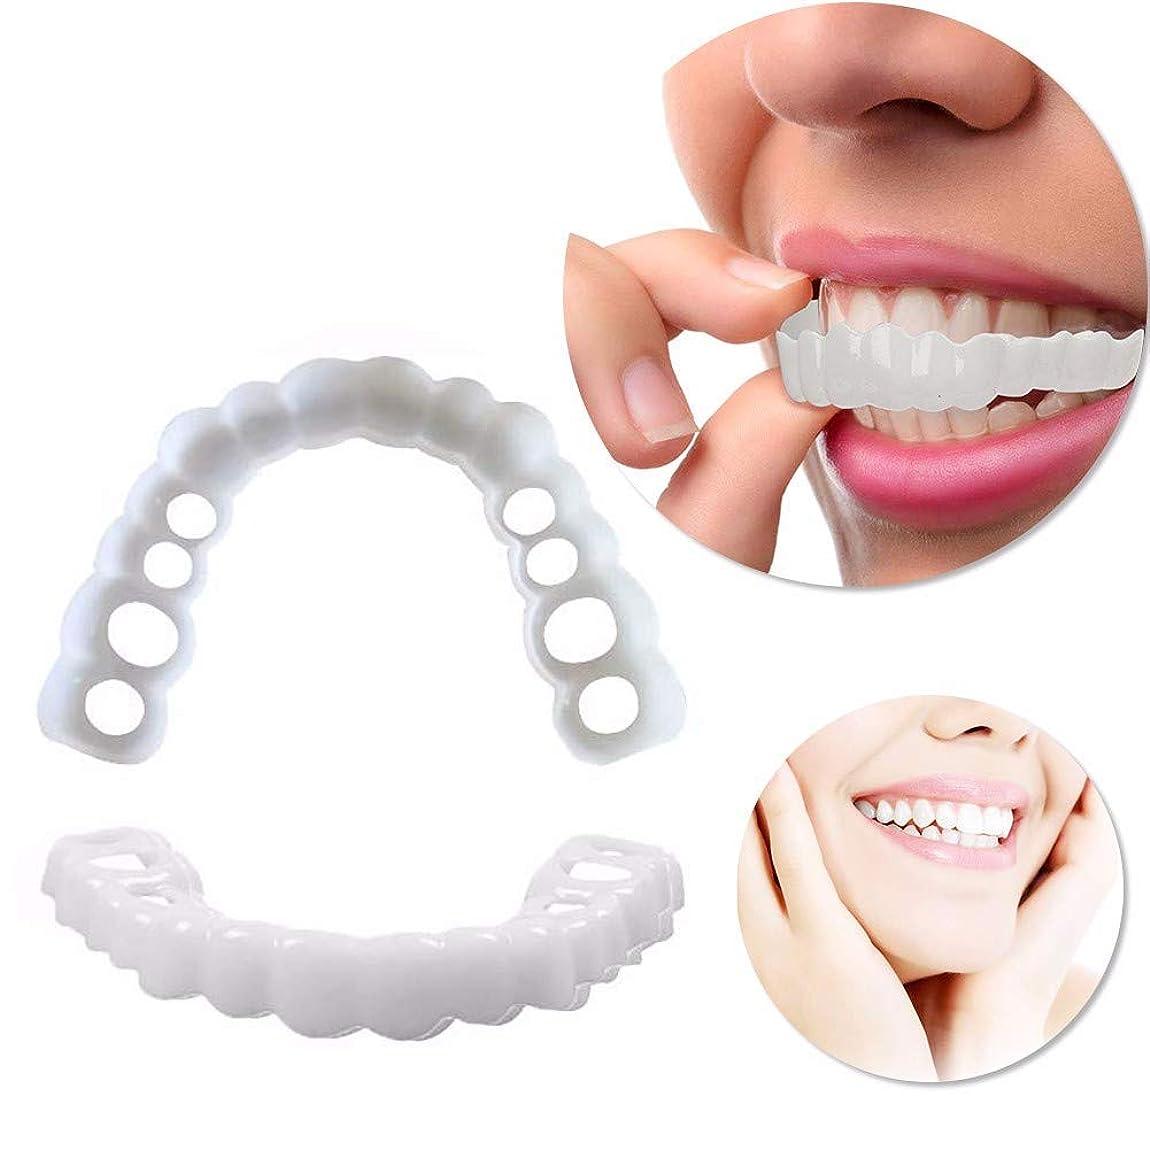 語後方に墓歯プロフェッショナルブレース化粧品ホワイトニング偽歯突き板ノベルティ矯正パーフェクトデンチャーボックス入り上下歯セット,6Pairs